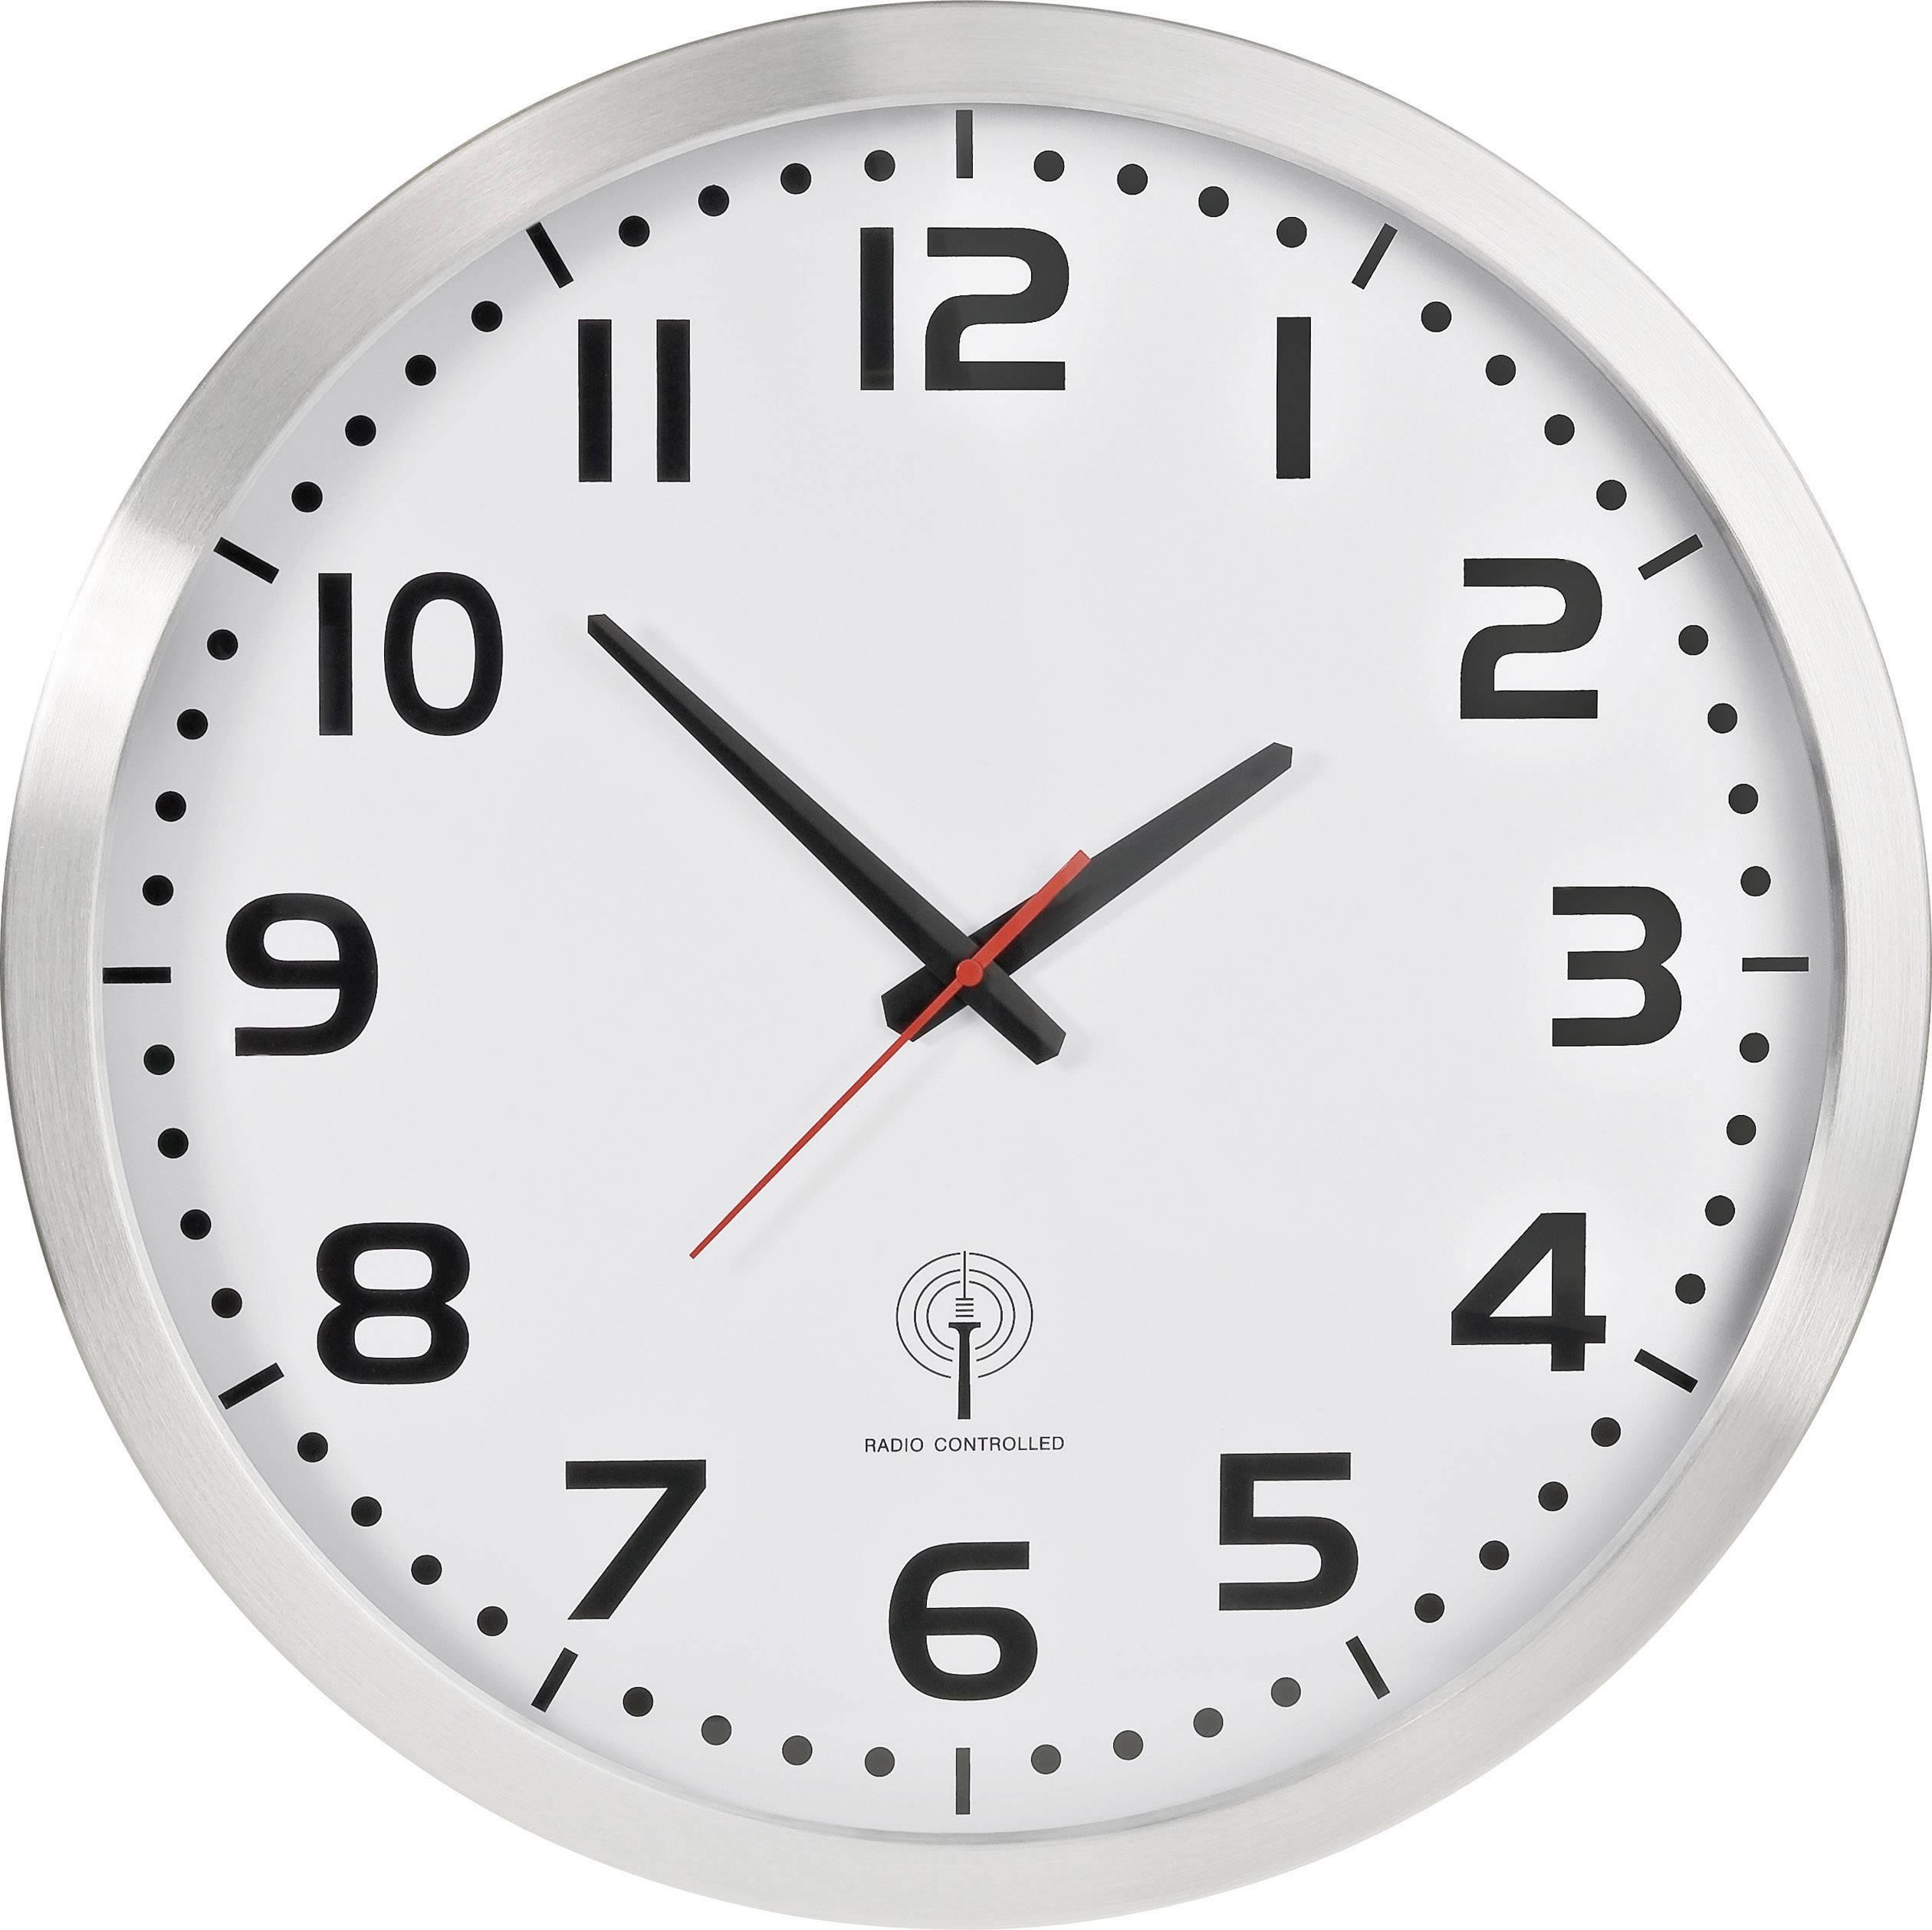 Eurotime 56863 Radio Wall Clock 50 Cm Conrad Com